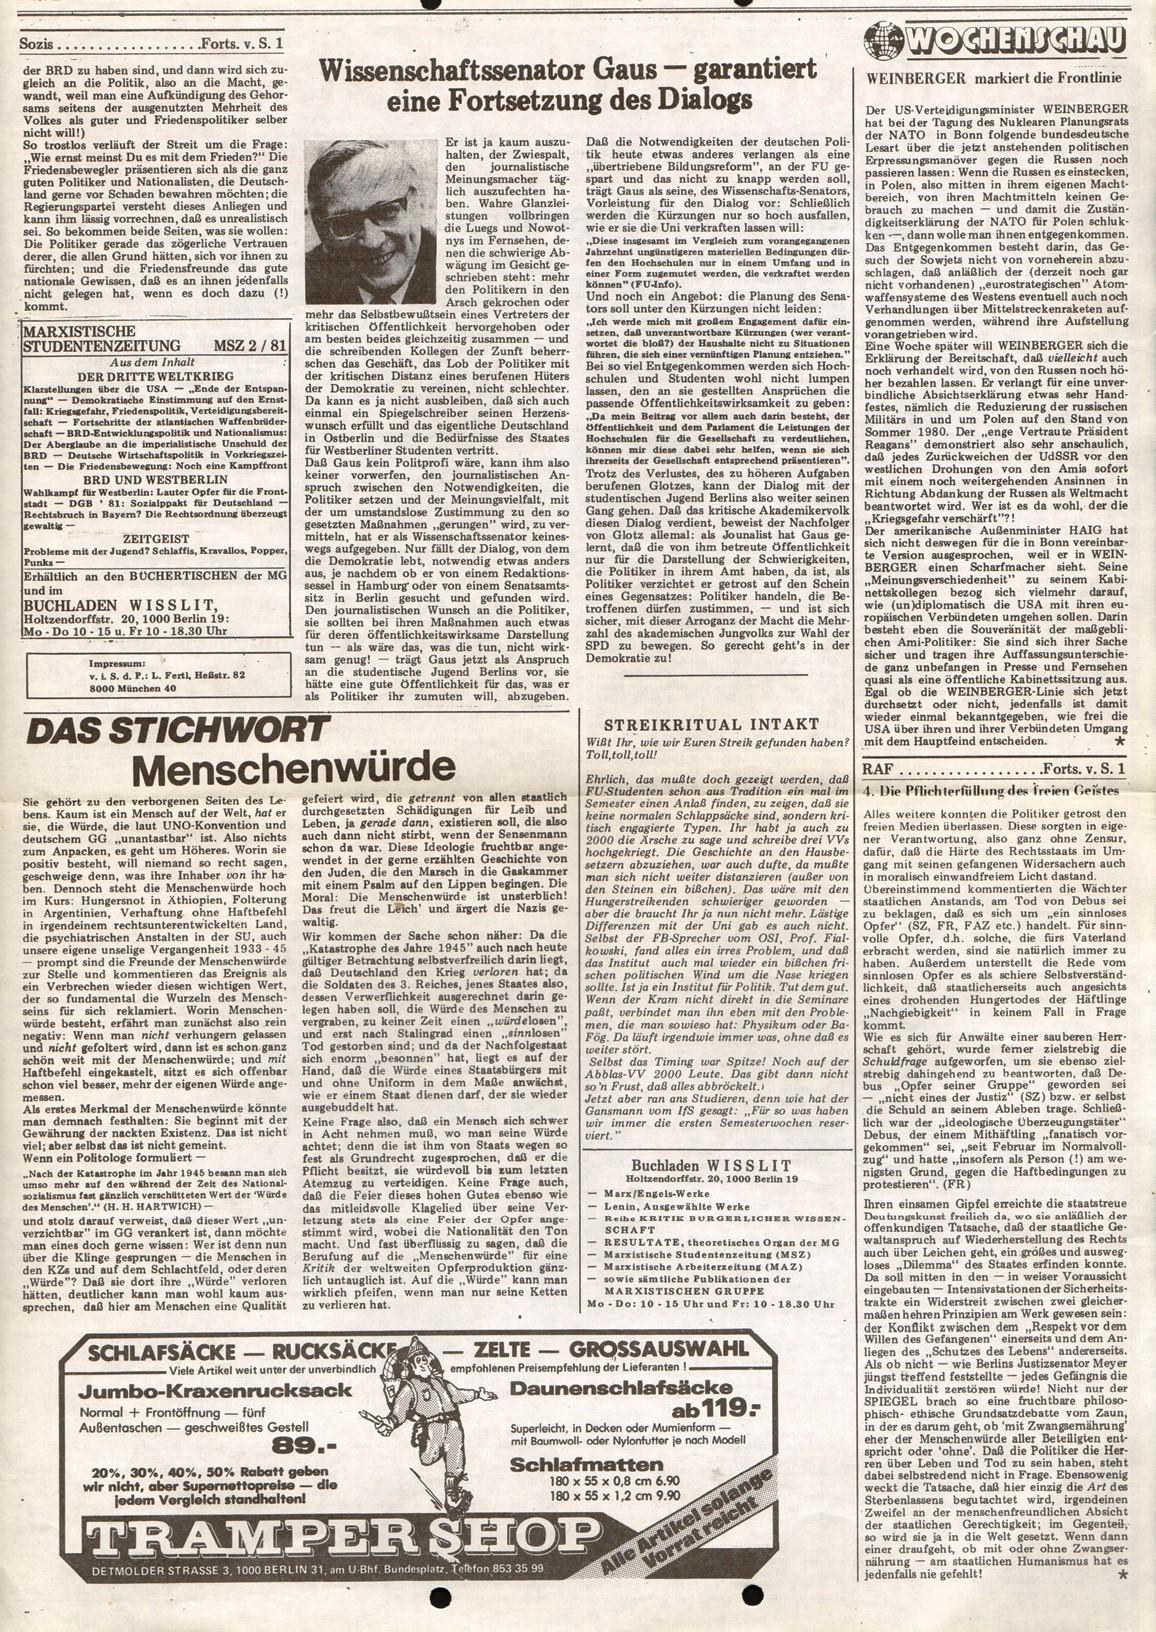 Berlin_MG_Hochschulzeitung_19810428_02